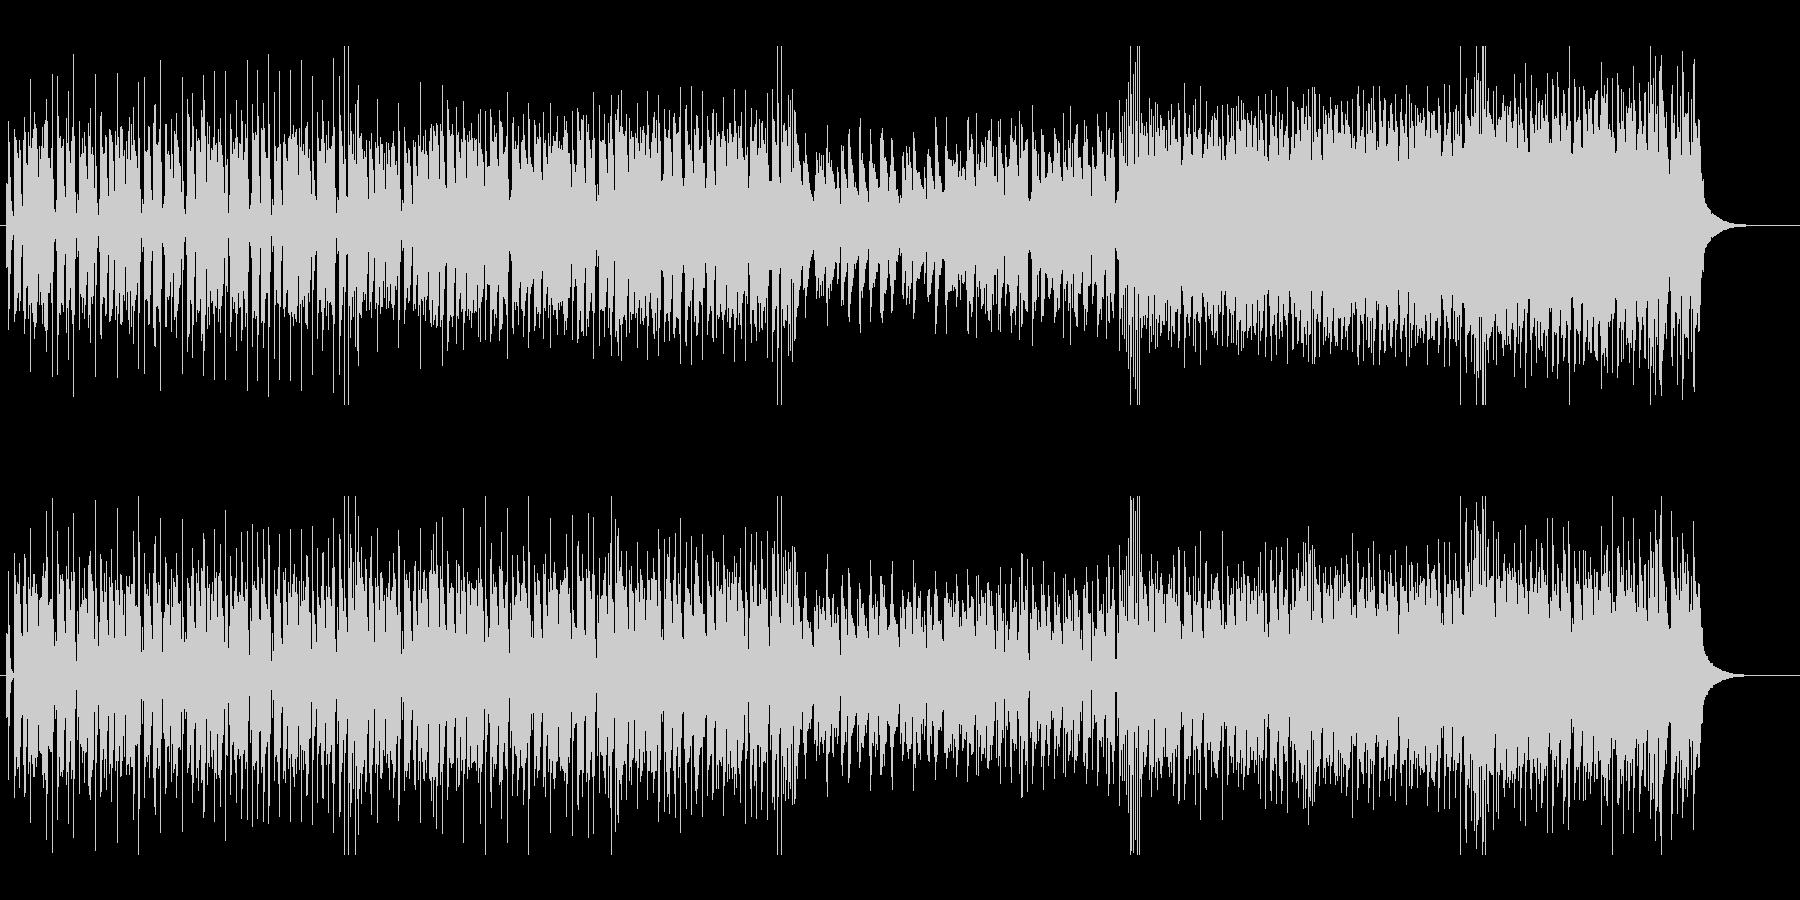 ジングルベルのシャッフルテクノ カラオケの未再生の波形